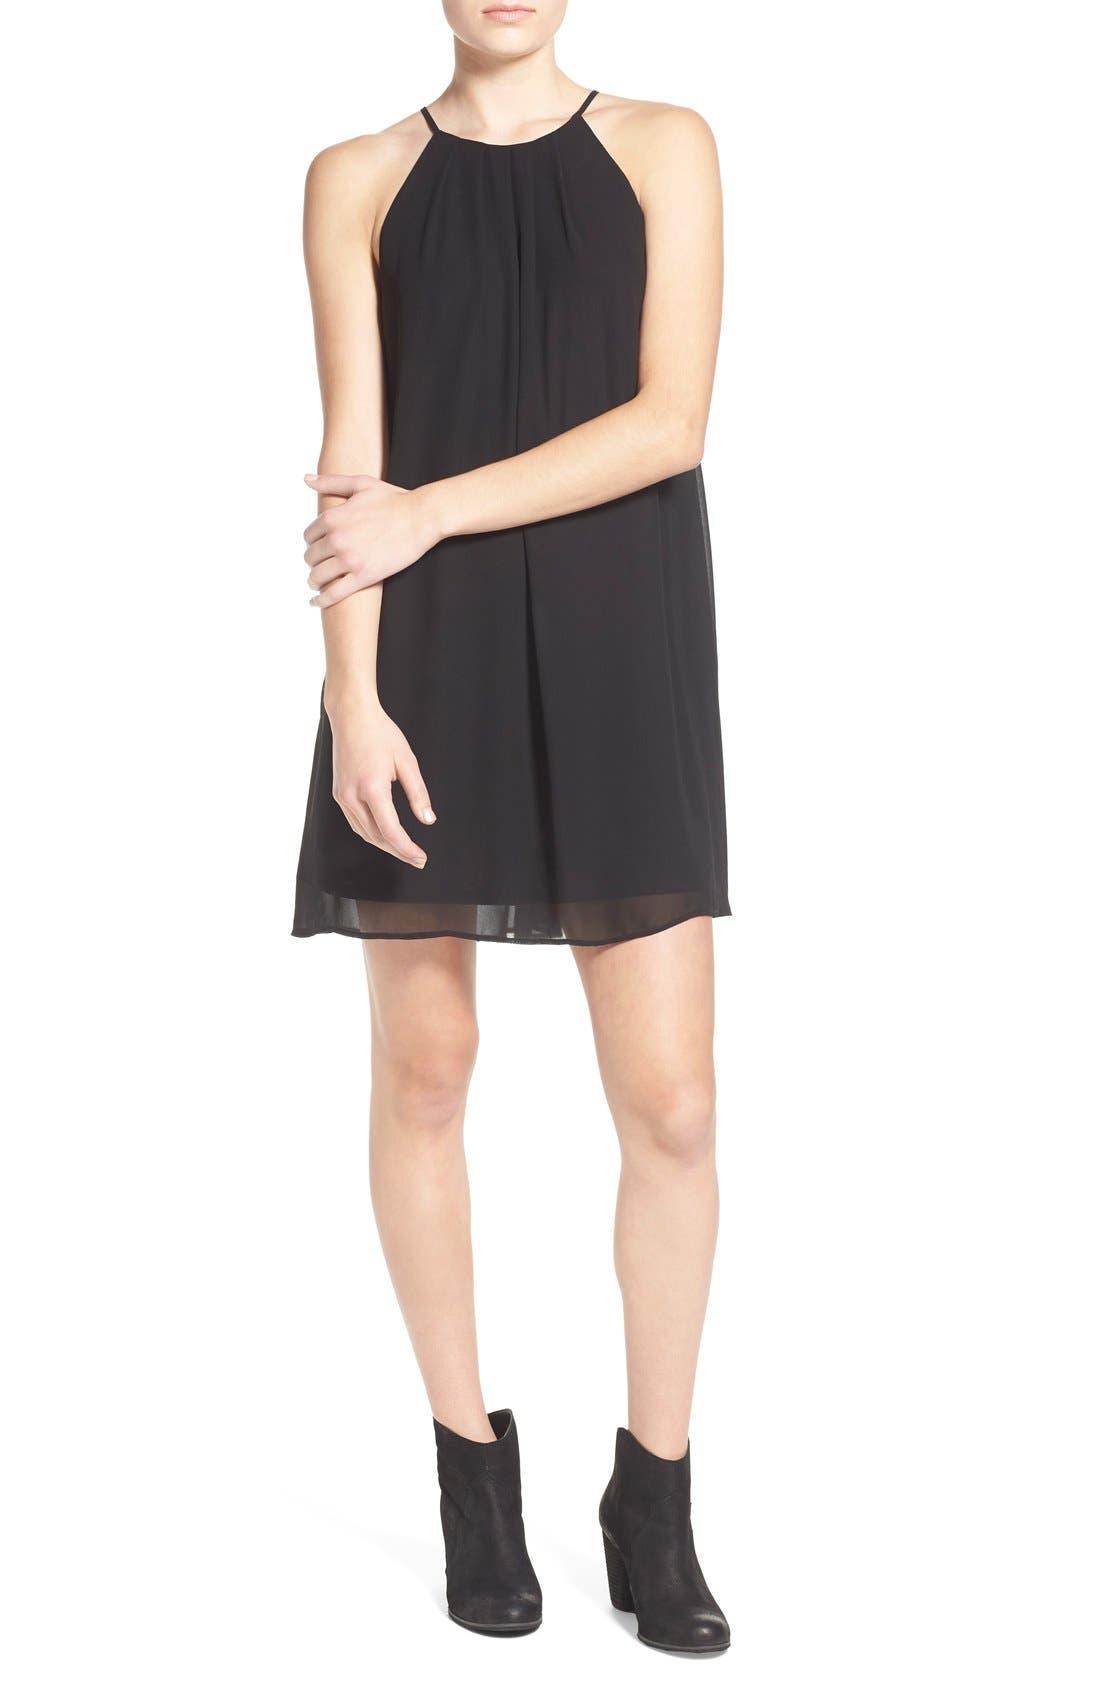 Alternate Image 1 Selected - Lush Pleat Detail Chiffon Trapeze Dress